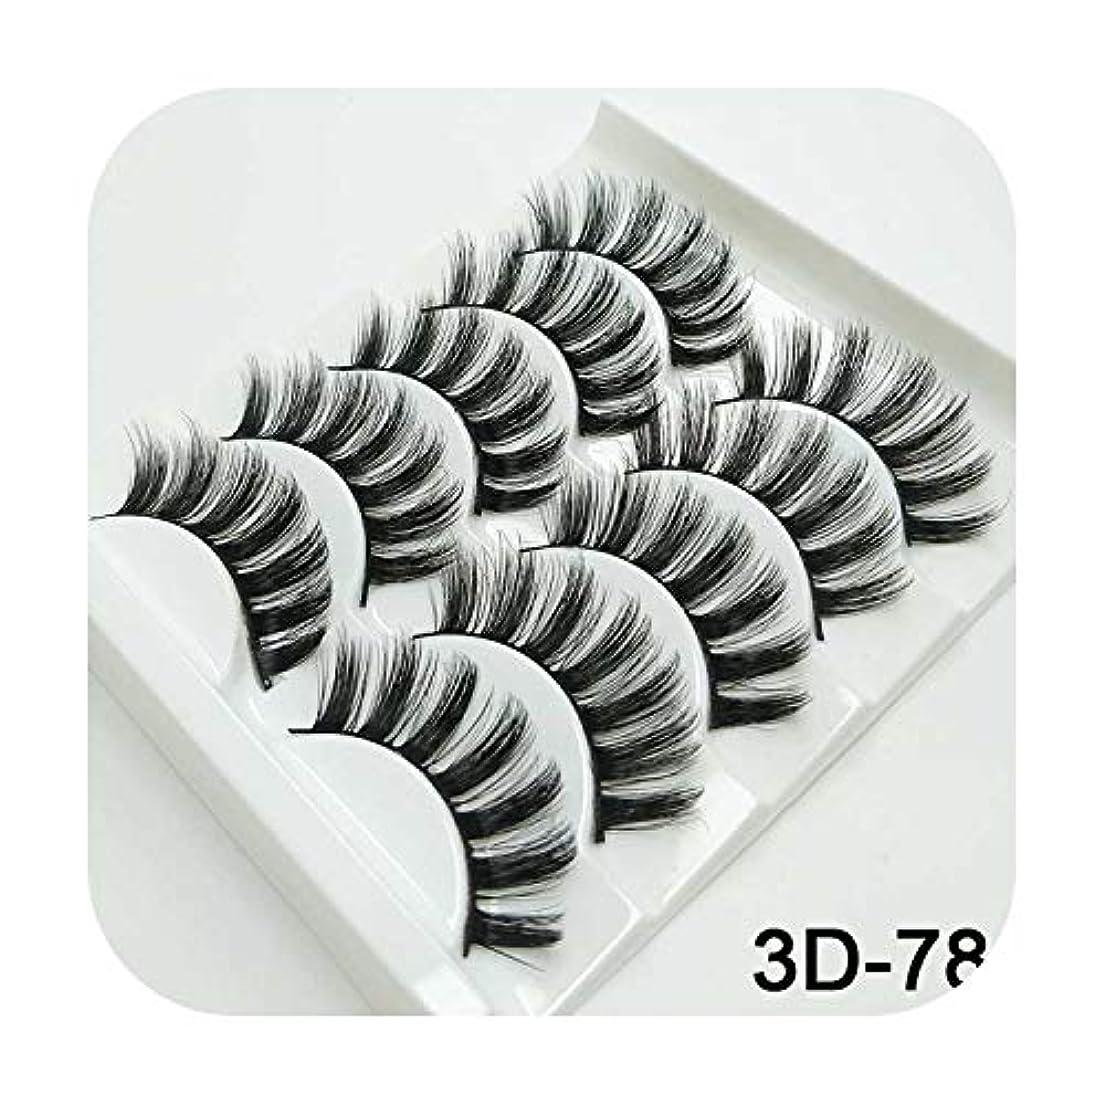 君主病者逆3Dミンクまつげナチュラルつけまつげロングまつげエクステンション5ペアフェイクフェイクラッシュ,3D-78